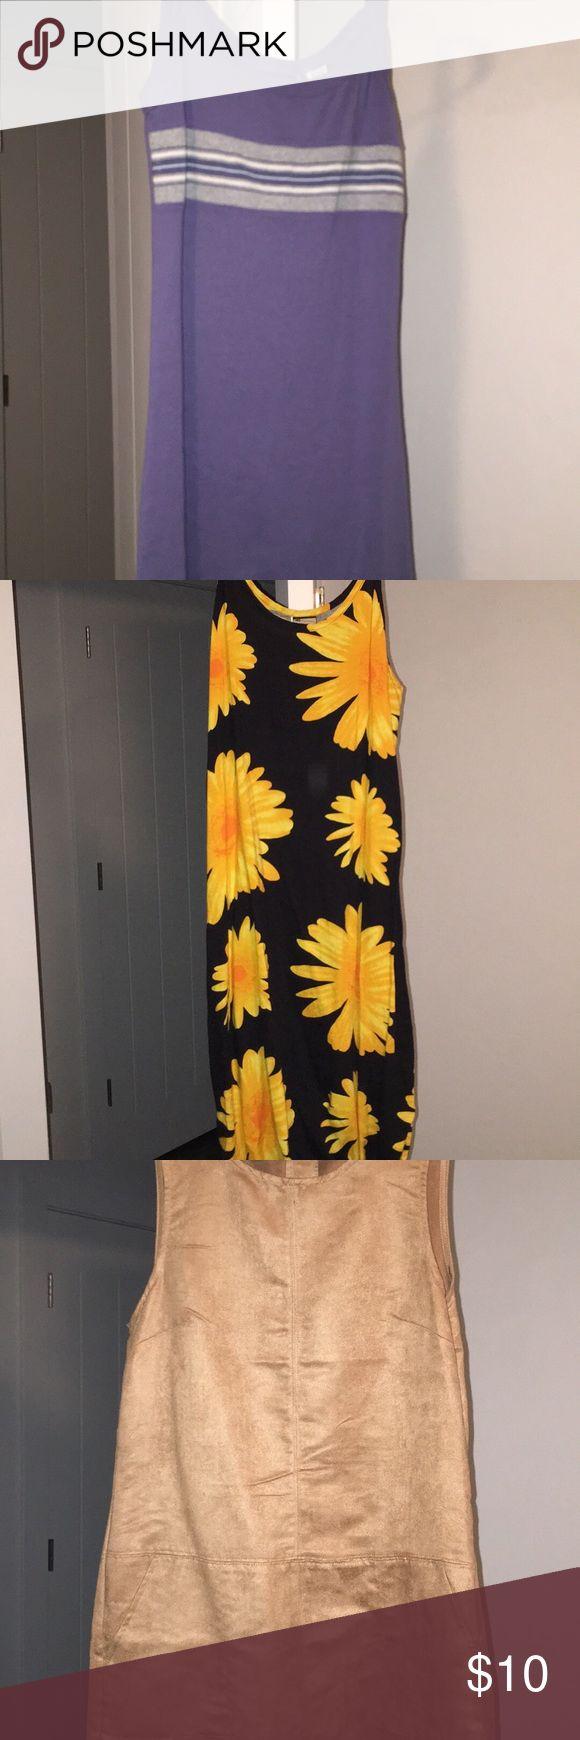 Dresses 👗 Small: 1990's Jennifer Aniston kind of dress - grayish blue w/ stripes - short dress - $5, Medium: Sunflower long dress - $5, Size 8 - Forever 21 - Light brown soft velvety dress w/ pockets - never worn - $10, Small: Forever 21 - short tank top flower dress (never worn) - $10 Dresses